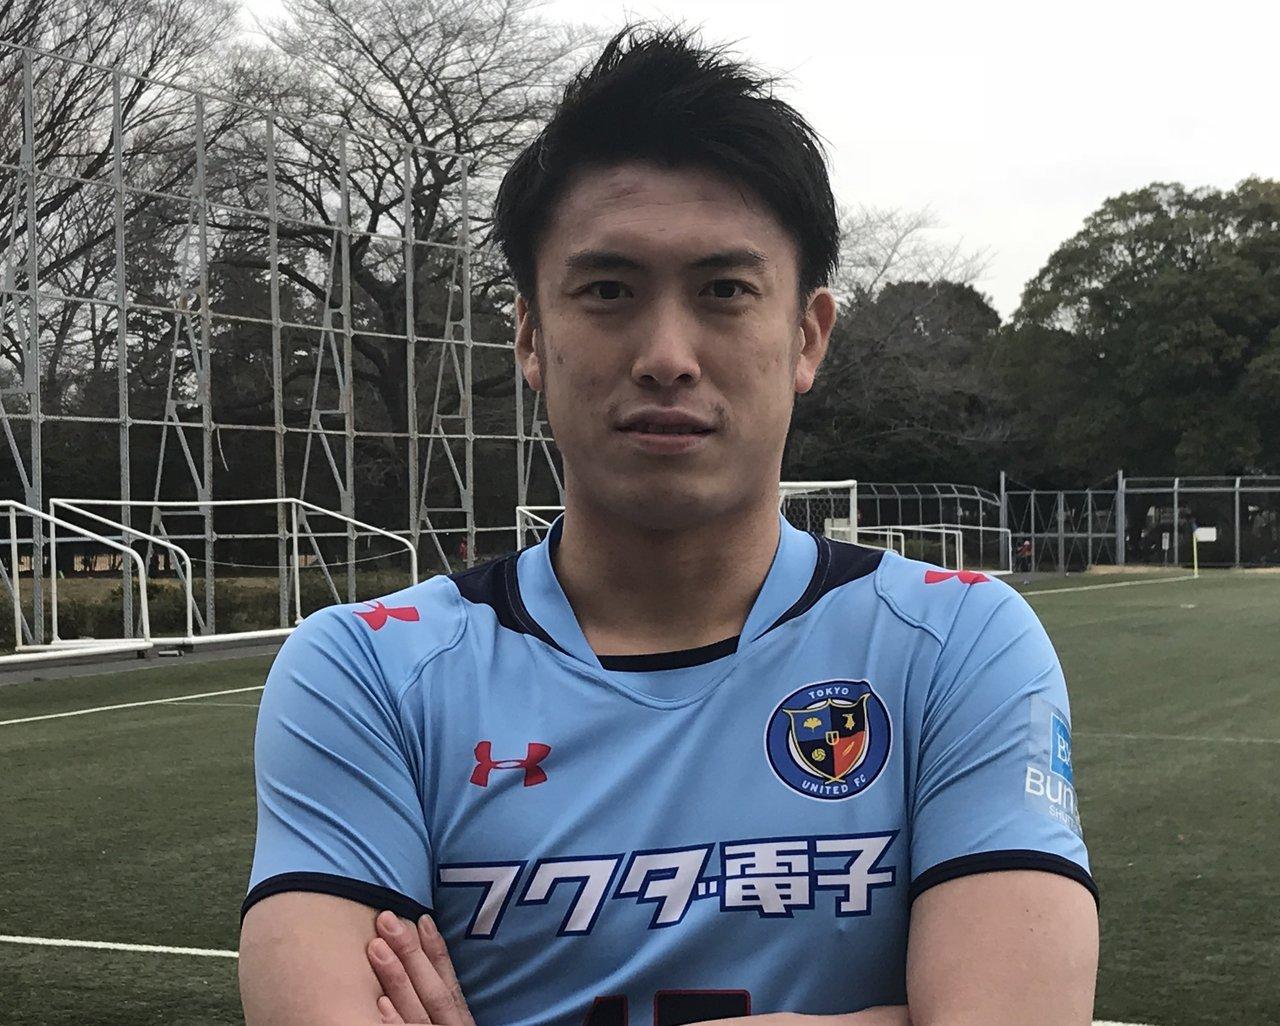 名古屋グランパス退団のMF田鍋陵太が関東1部の東京ユナイテッドFCへ加入決定 岩政大樹とチームメイトに